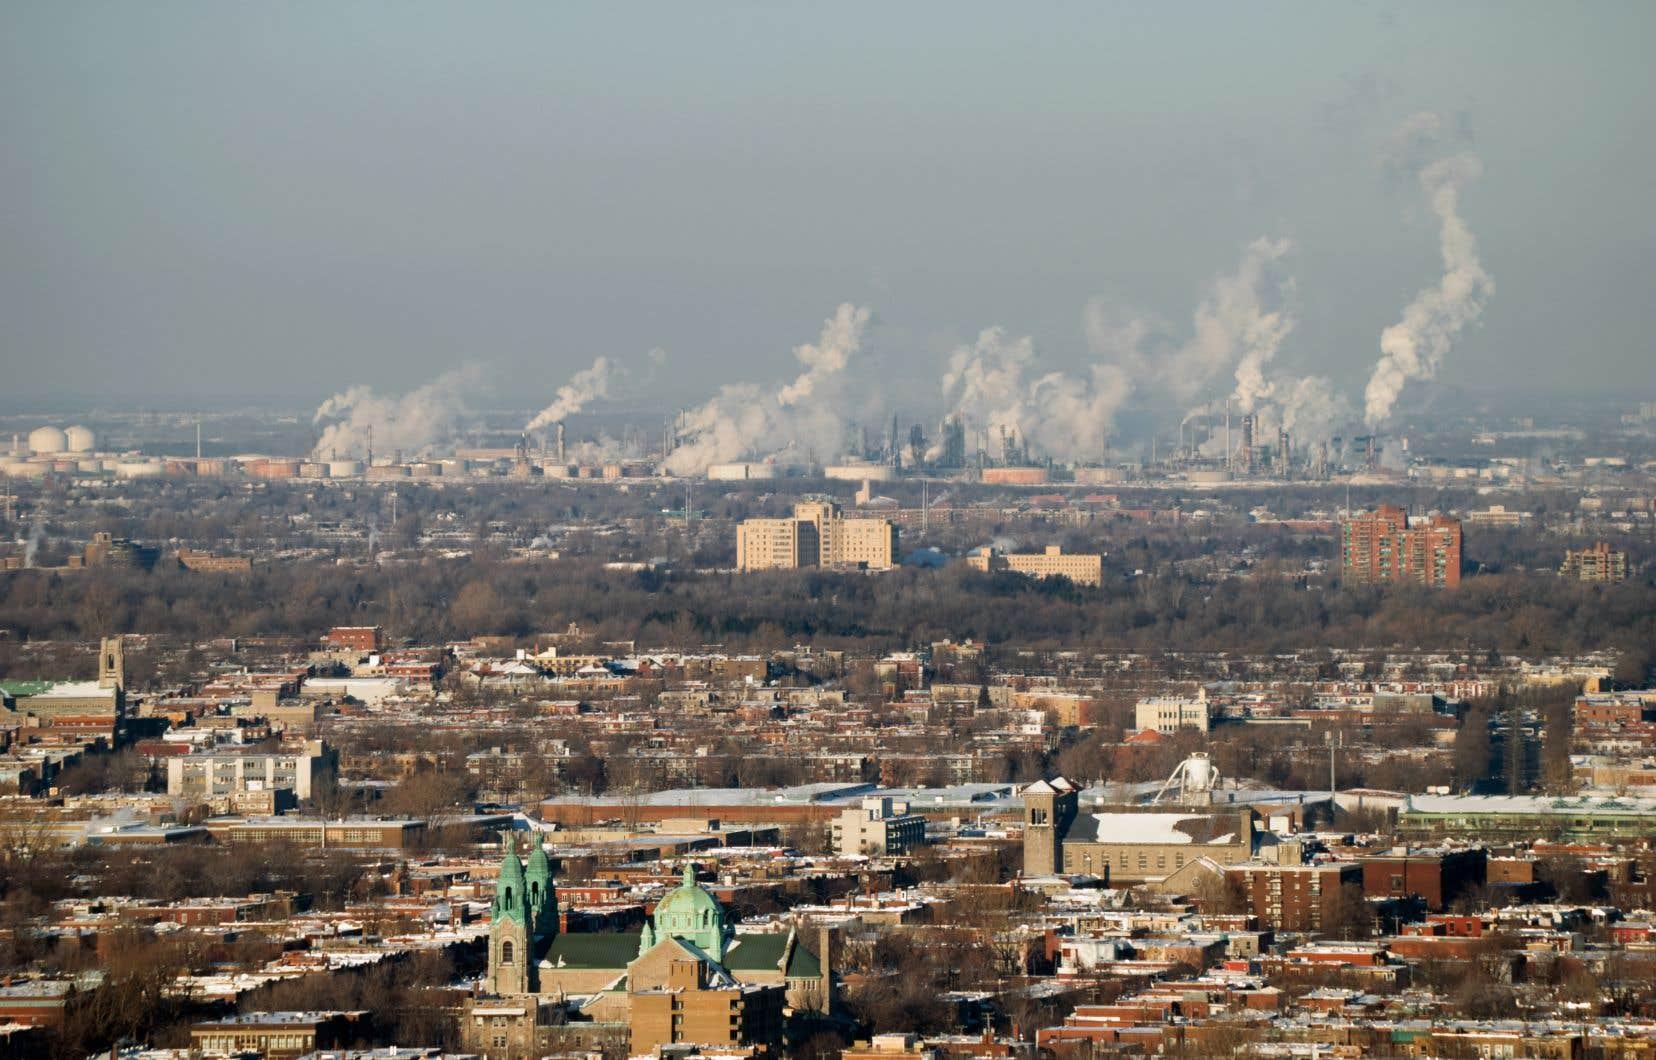 L'hiver, le smog est surtout attribuable à l'utilisation du chauffage au bois, à une partie de l'activité industrielle et aux véhicules à moteur. Autant de sources de combustion rejetant dans l'atmosphère beaucoup de particules fines.